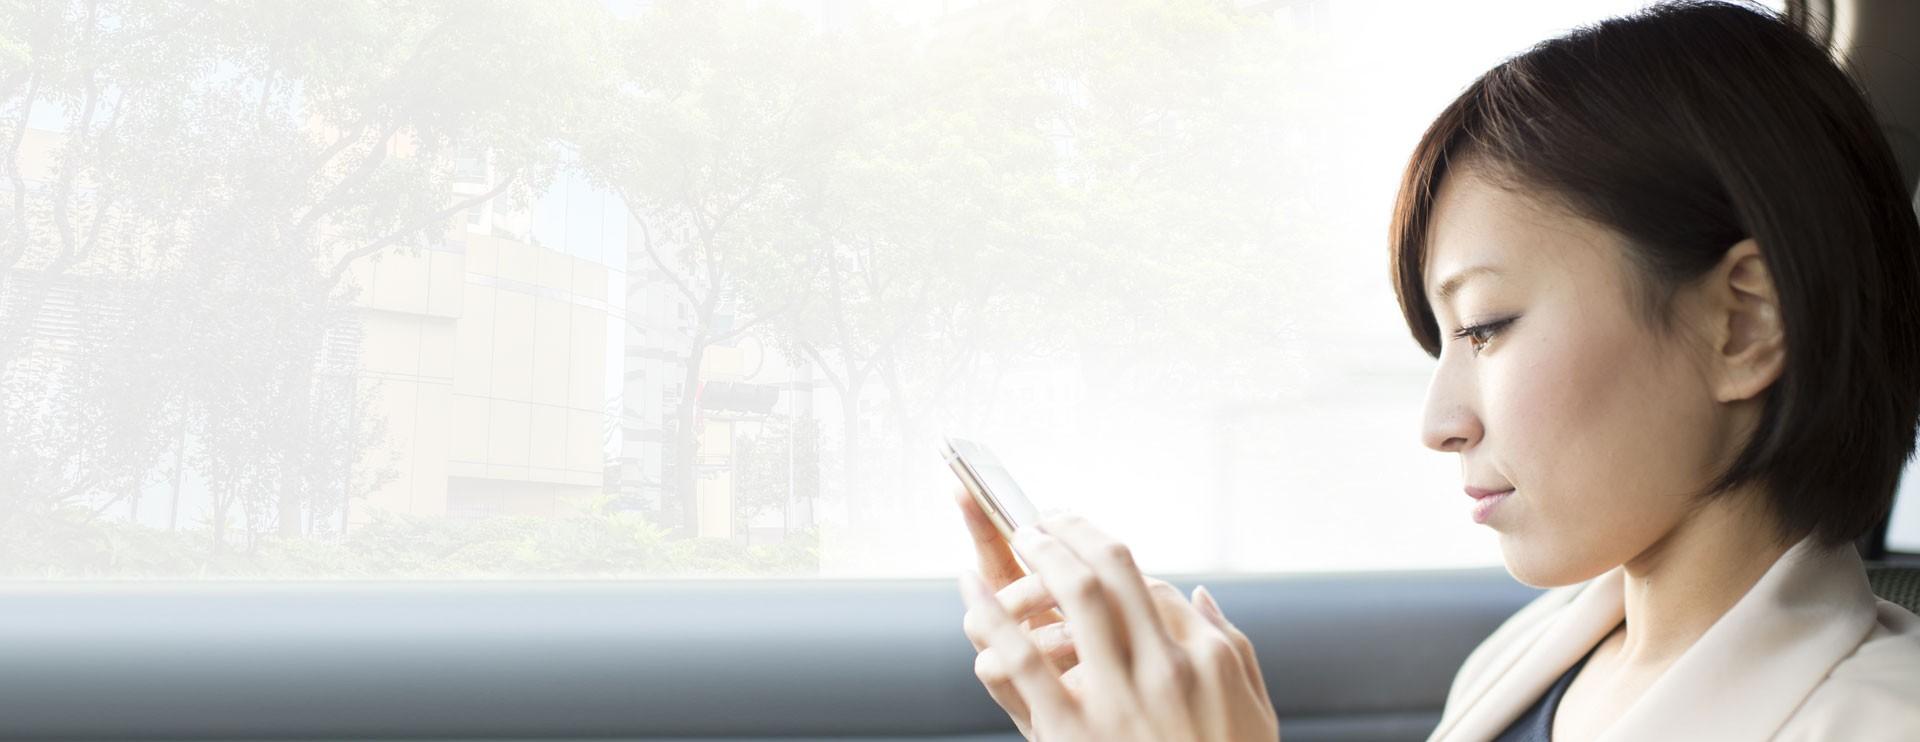 Vrouw leest op smartphone